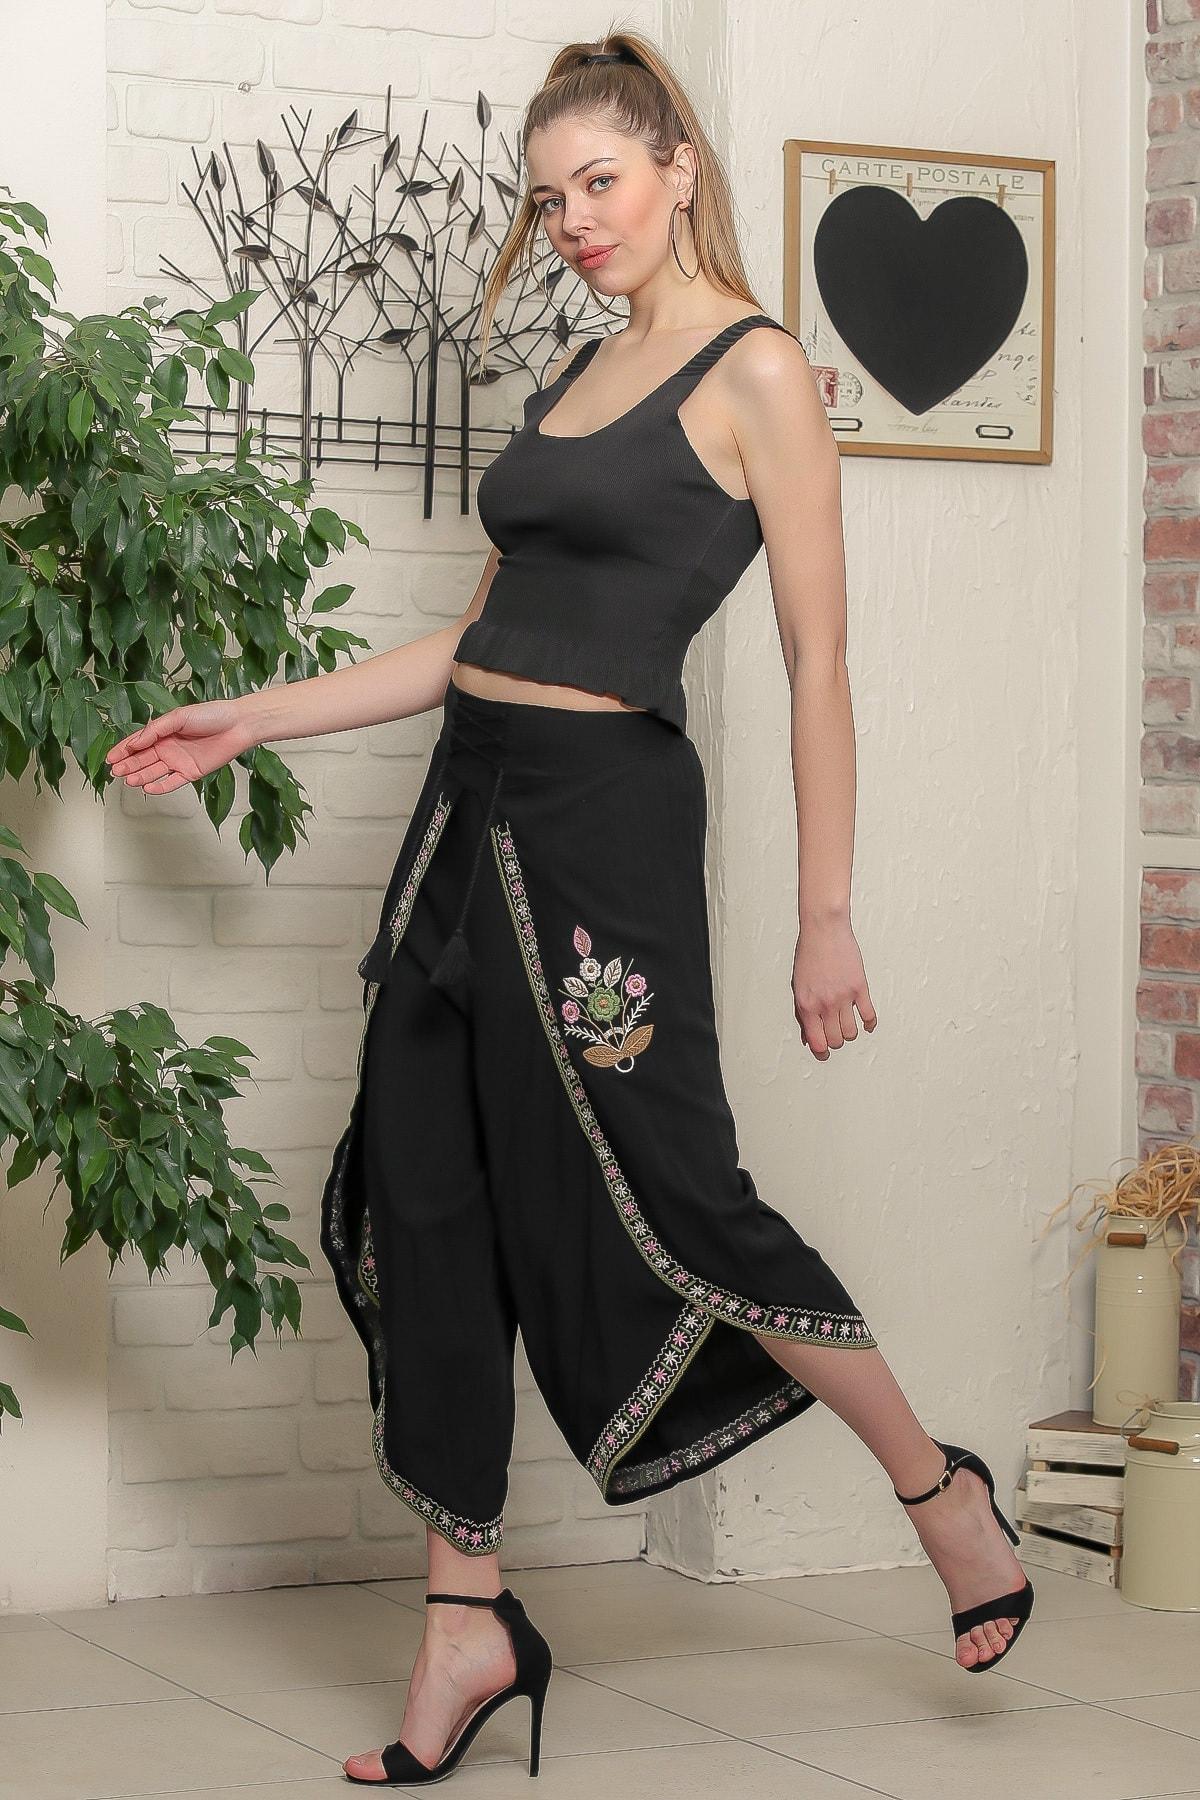 Chiccy Kadın Siyah Çiçek Nakışlı Bağlama İp Detaylı Zarf Pantolon M10060000PN98939 3